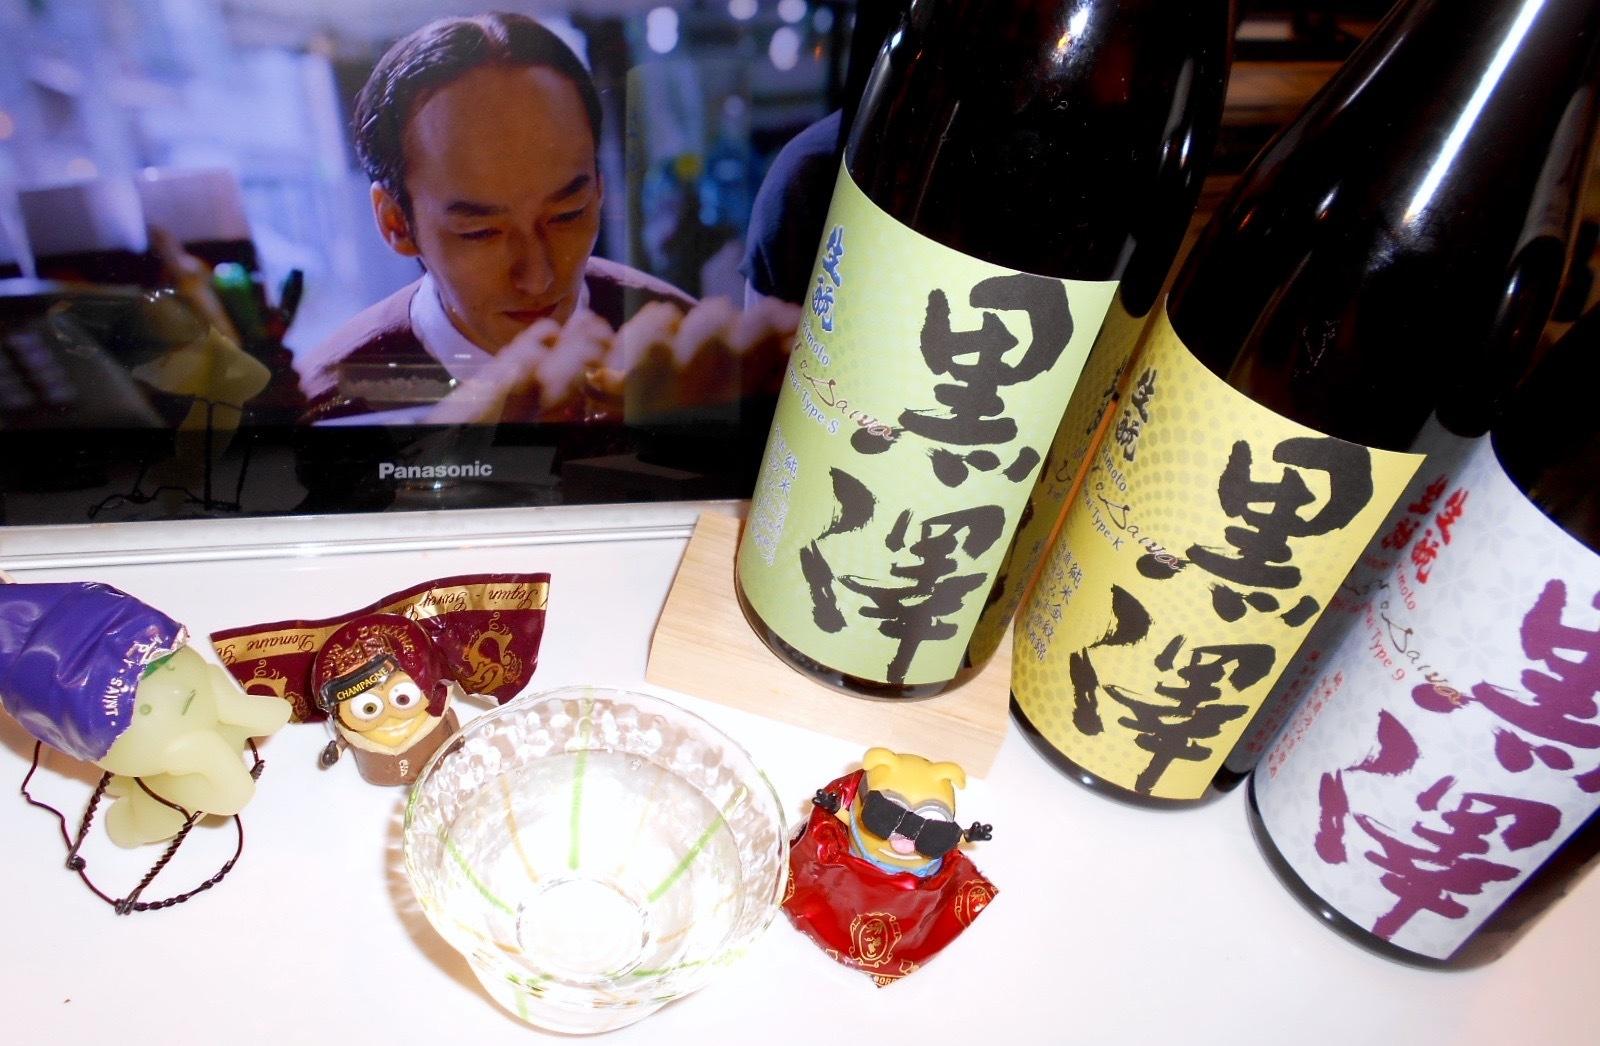 kurosawa_type-k30by1_10.jpg